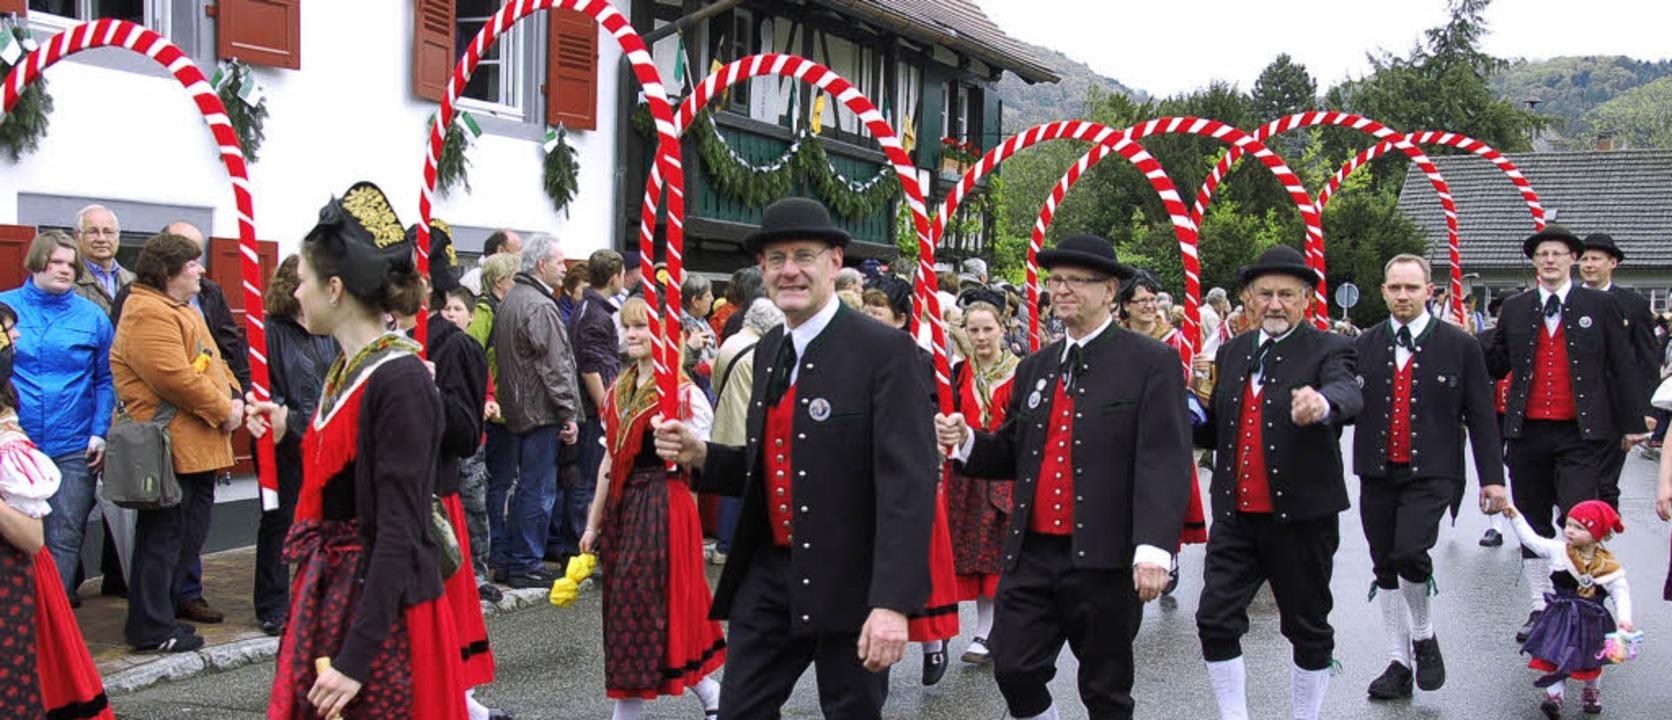 Zum Kreistrachtenfest waren zahlreiche Trachtengruppen nach Hausen gekommen.  | Foto: Hermann Jacob